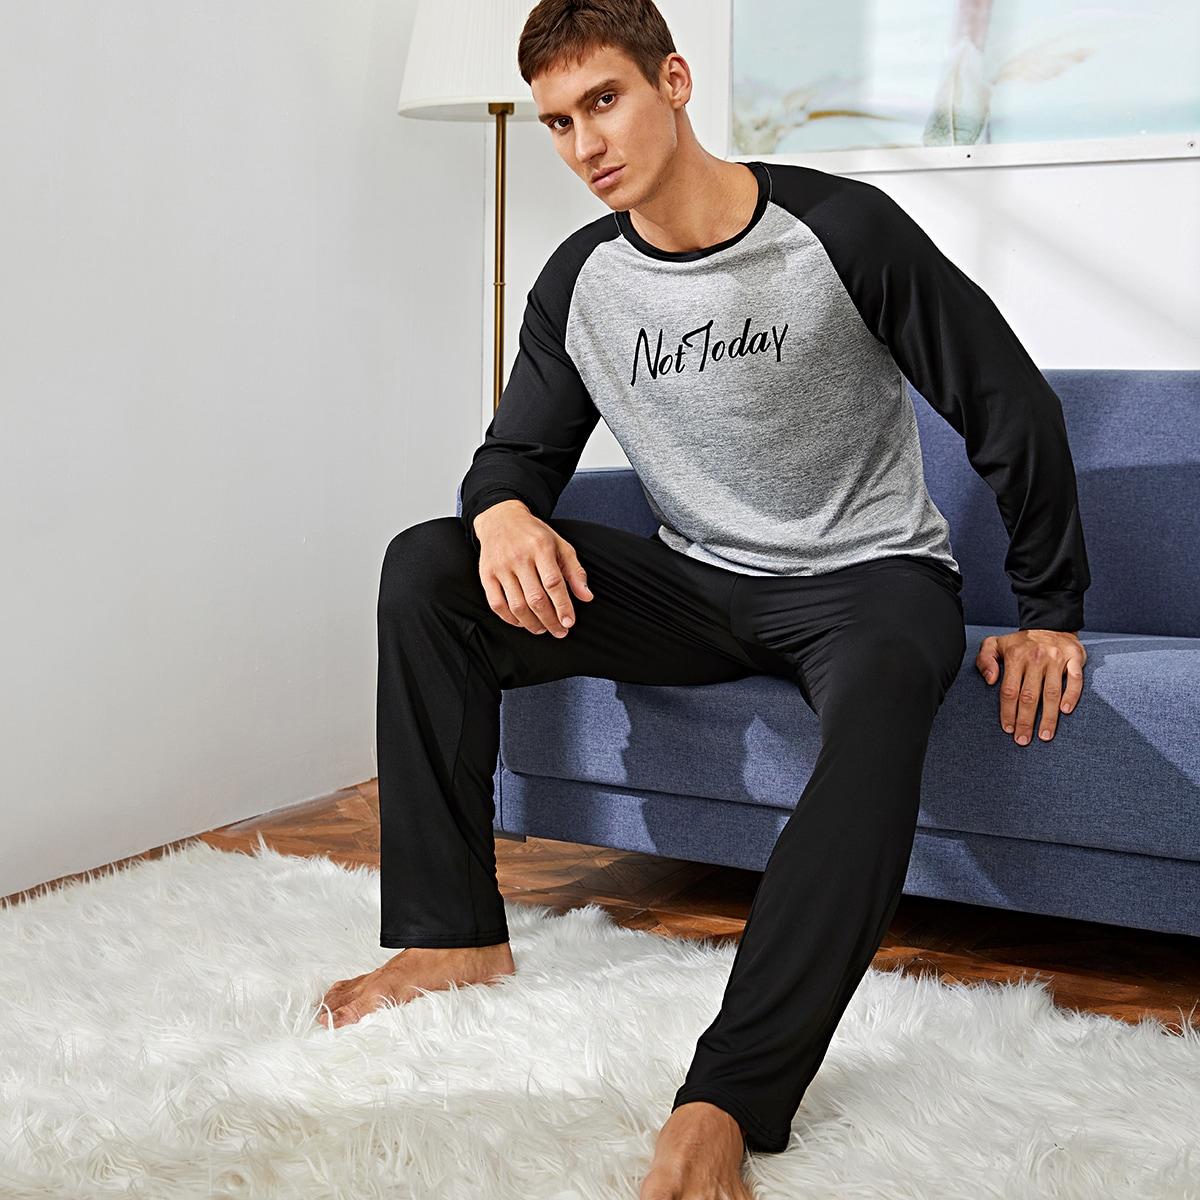 Мужская контрастная пижама с текстовым принтом фото